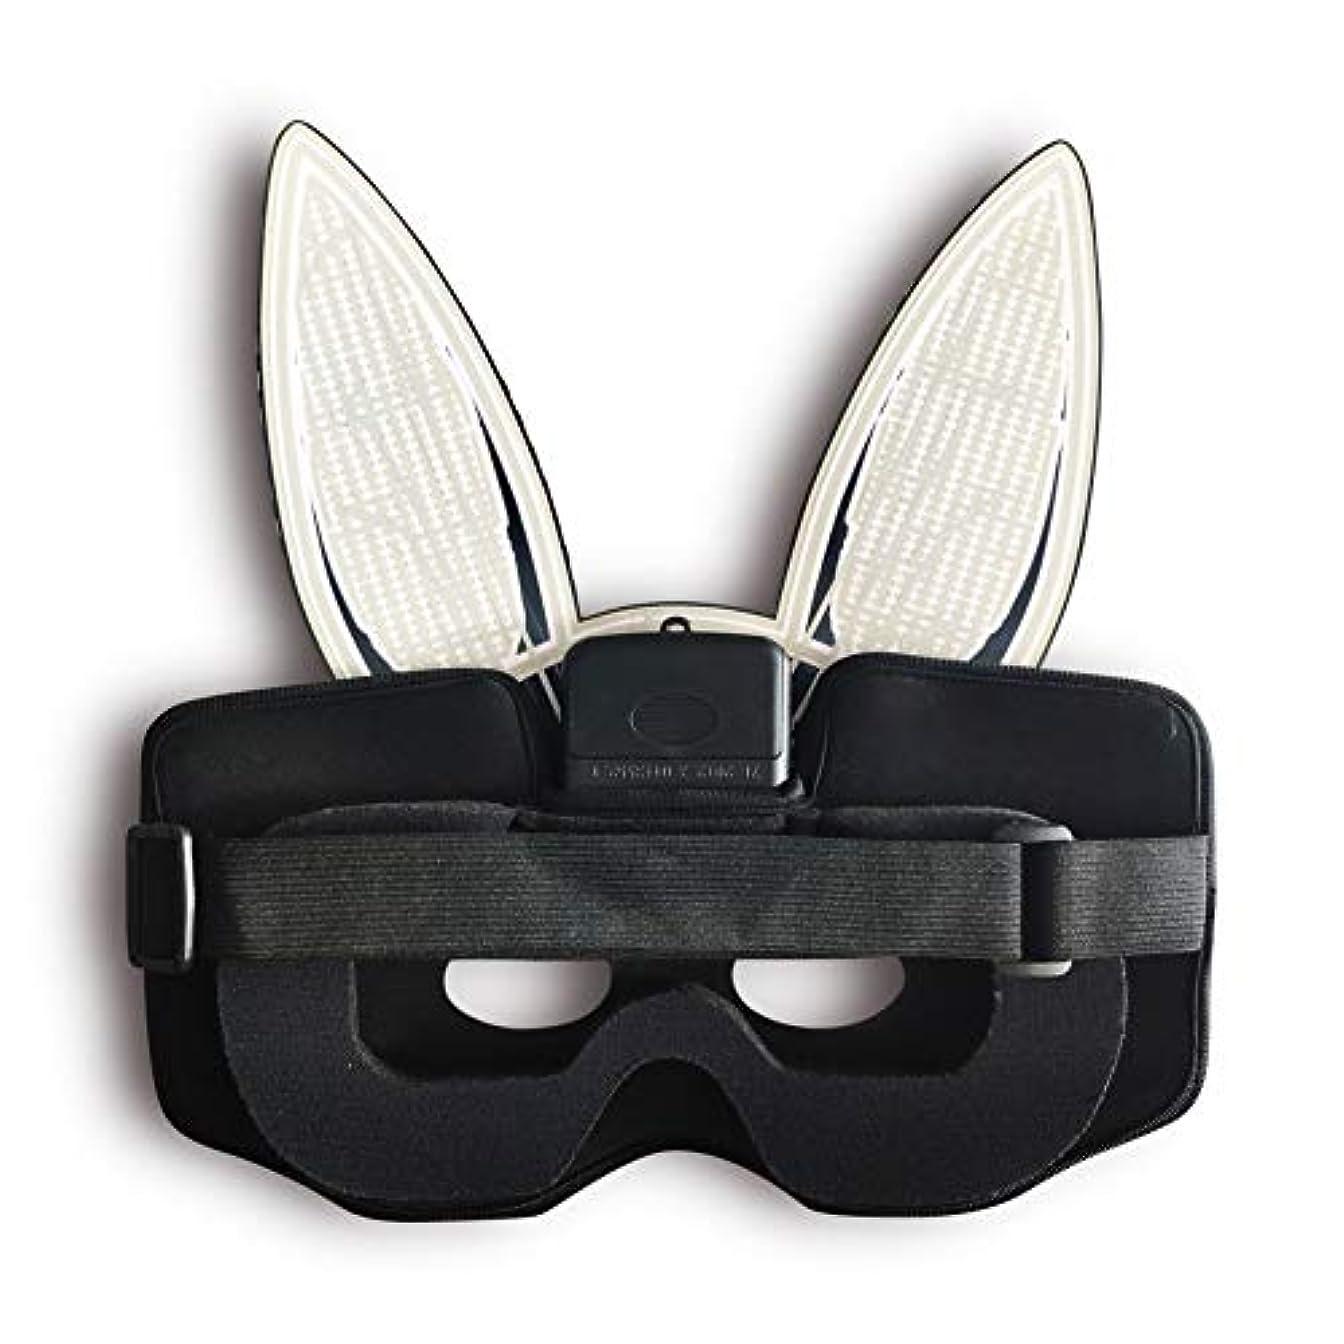 想起簡単にあいまいEsolom ハロウィンドレスアップ どくろ頭 音声制御マスク 音作動LED照明マスク ウサギのデザイン ハロウィンマスク DJミュージックマスク